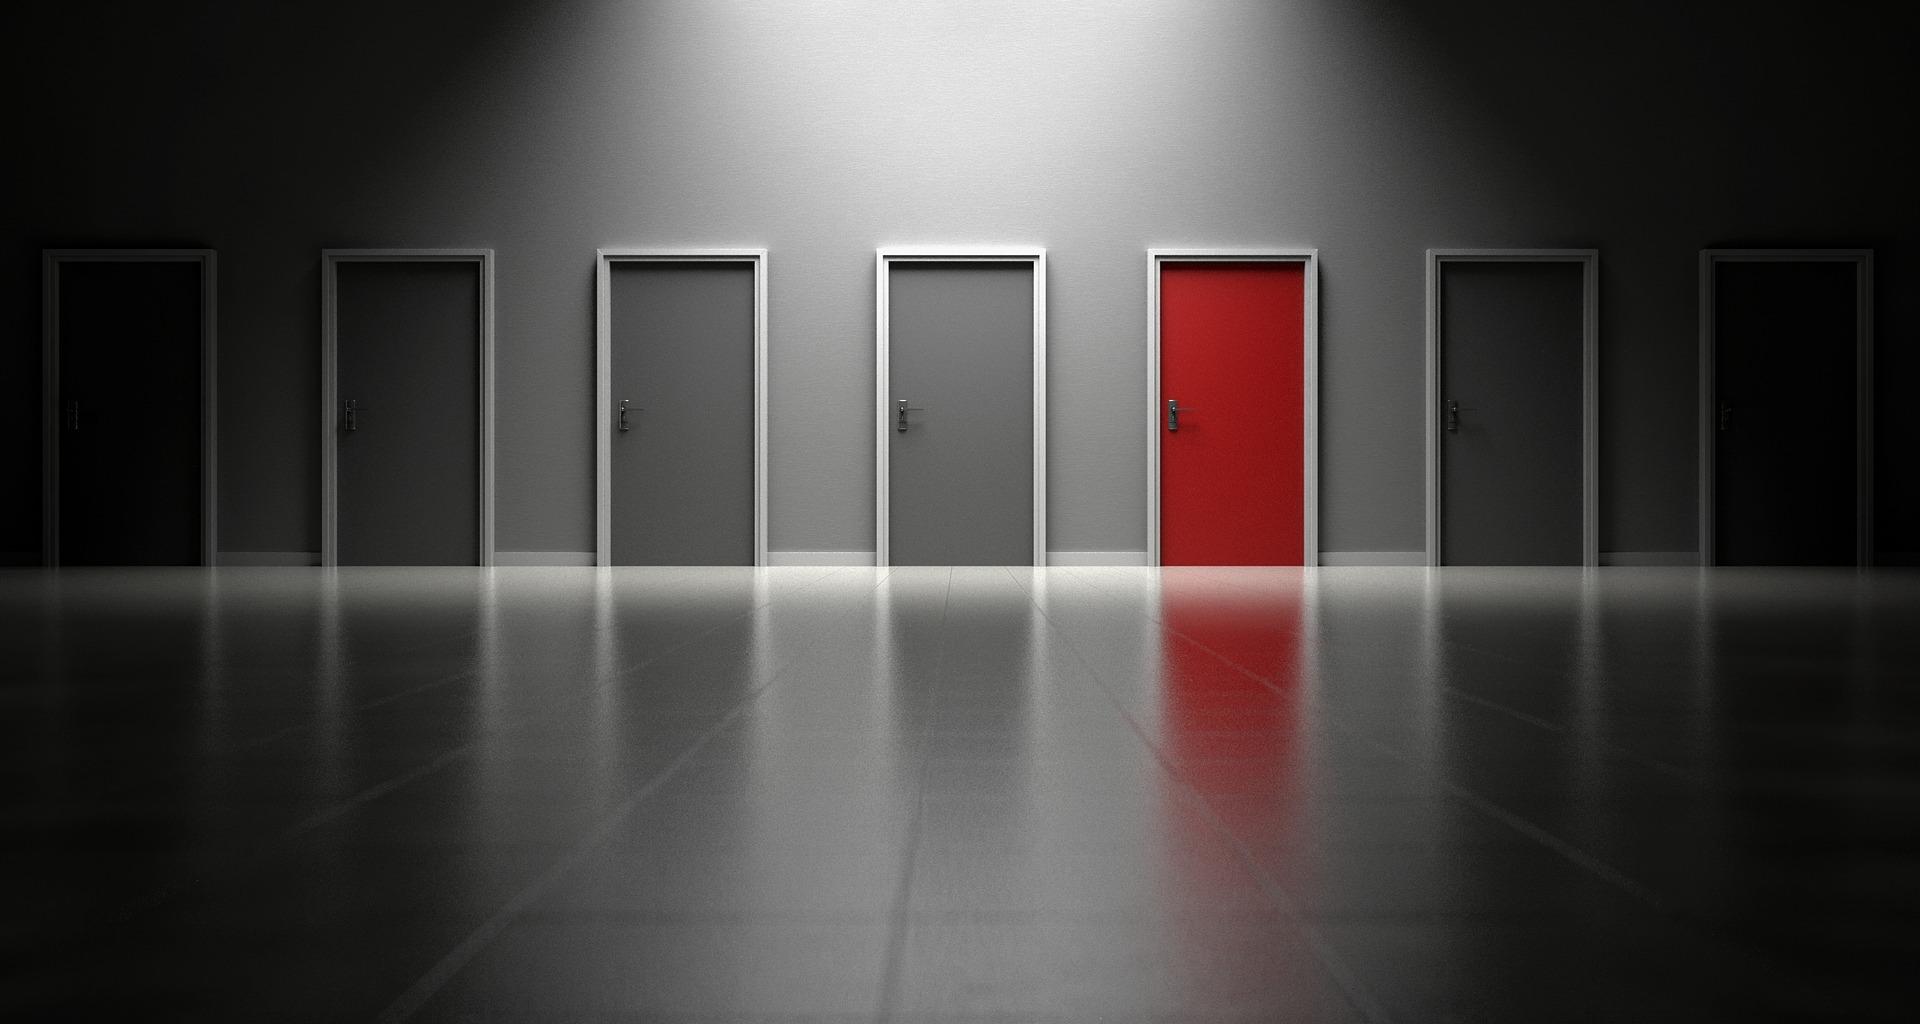 Znajdź wejście, zamiast szukać wyjścia - Loesje